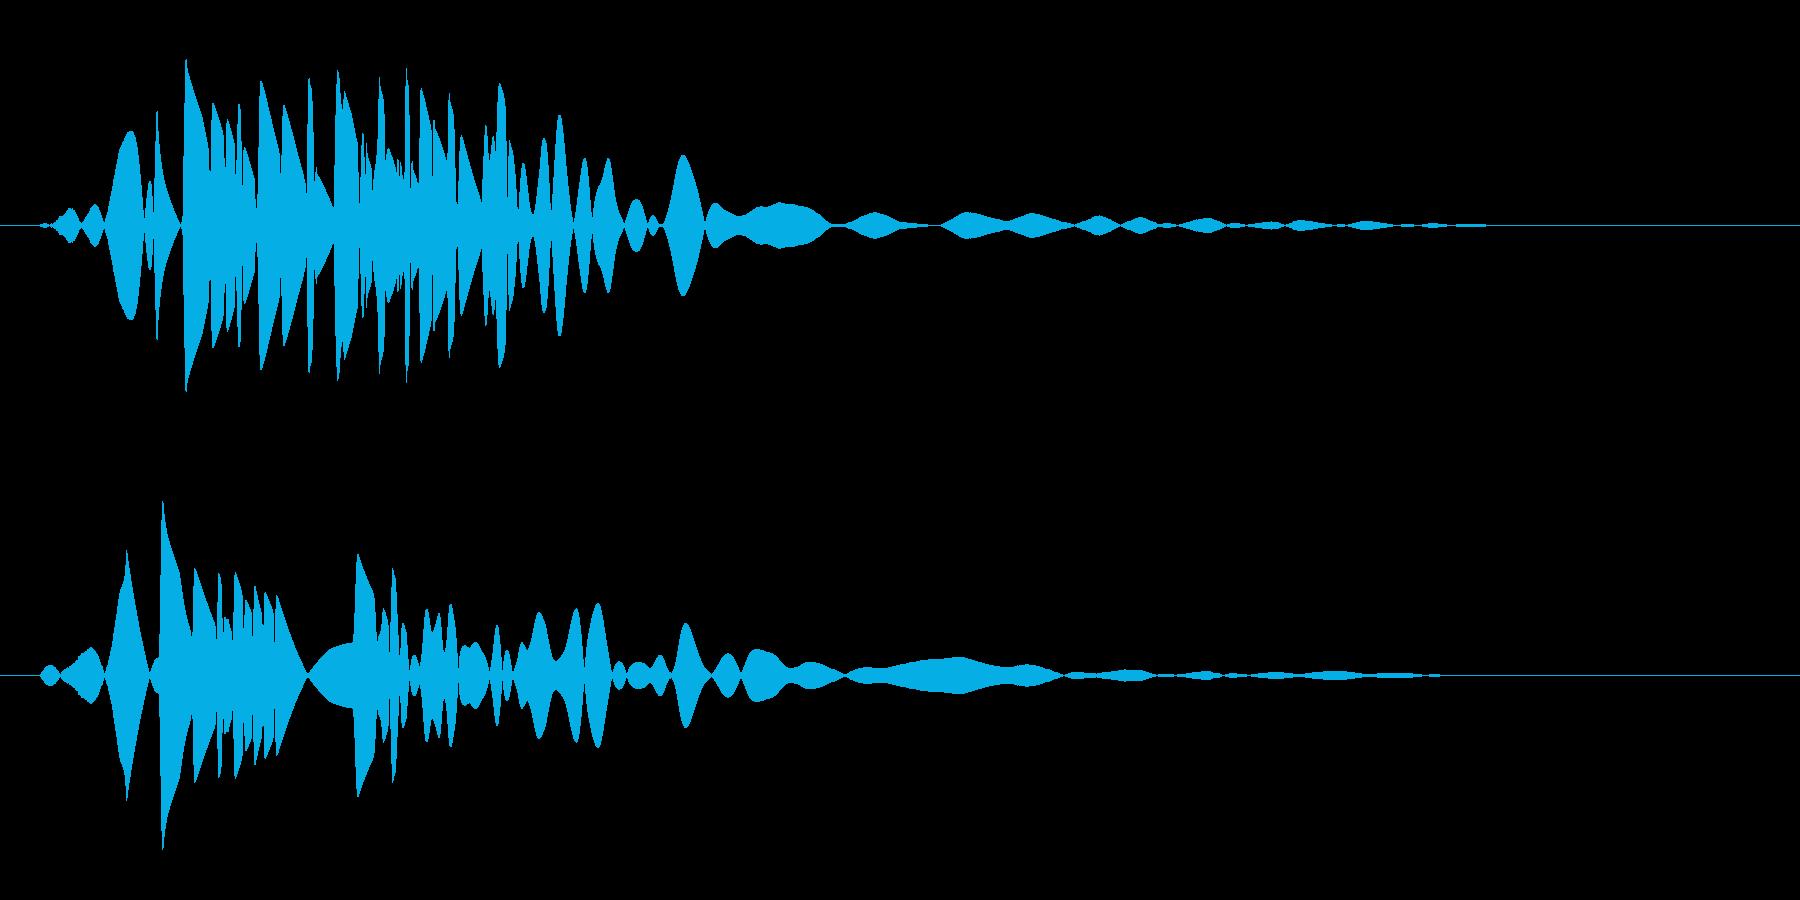 ボッという短い蒸気の音の再生済みの波形